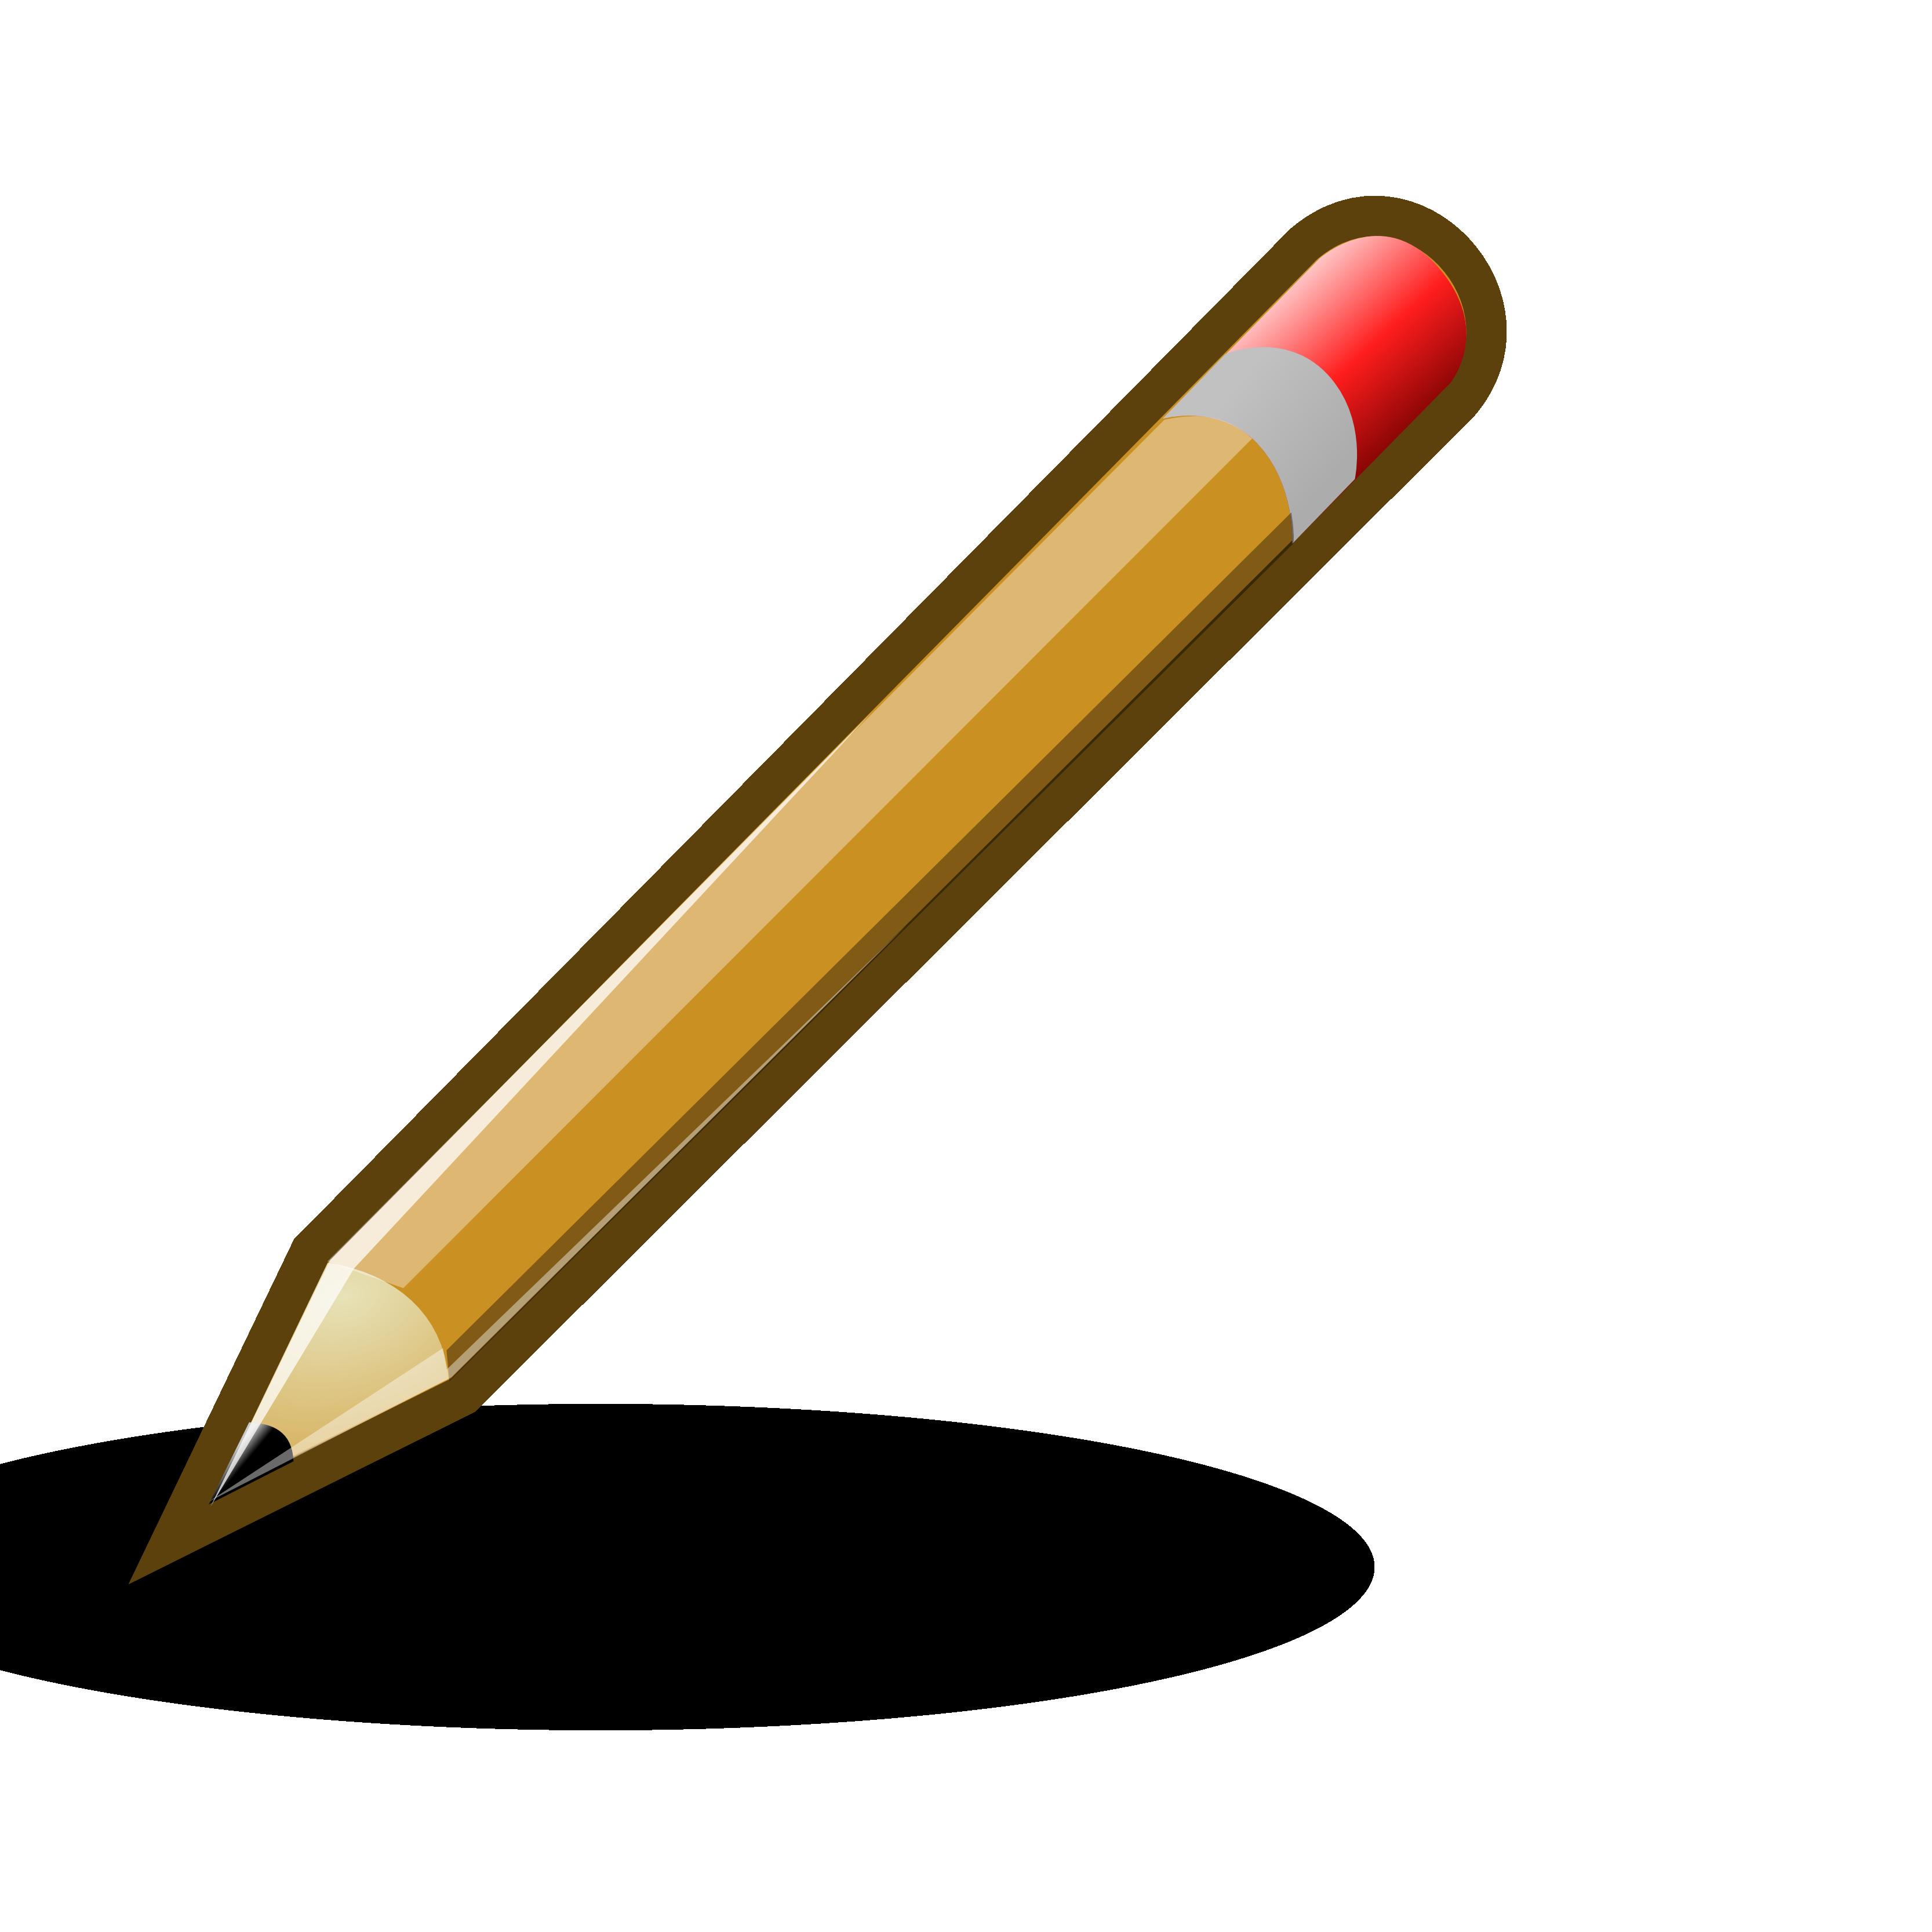 Pencil Pictures - ClipArt Best